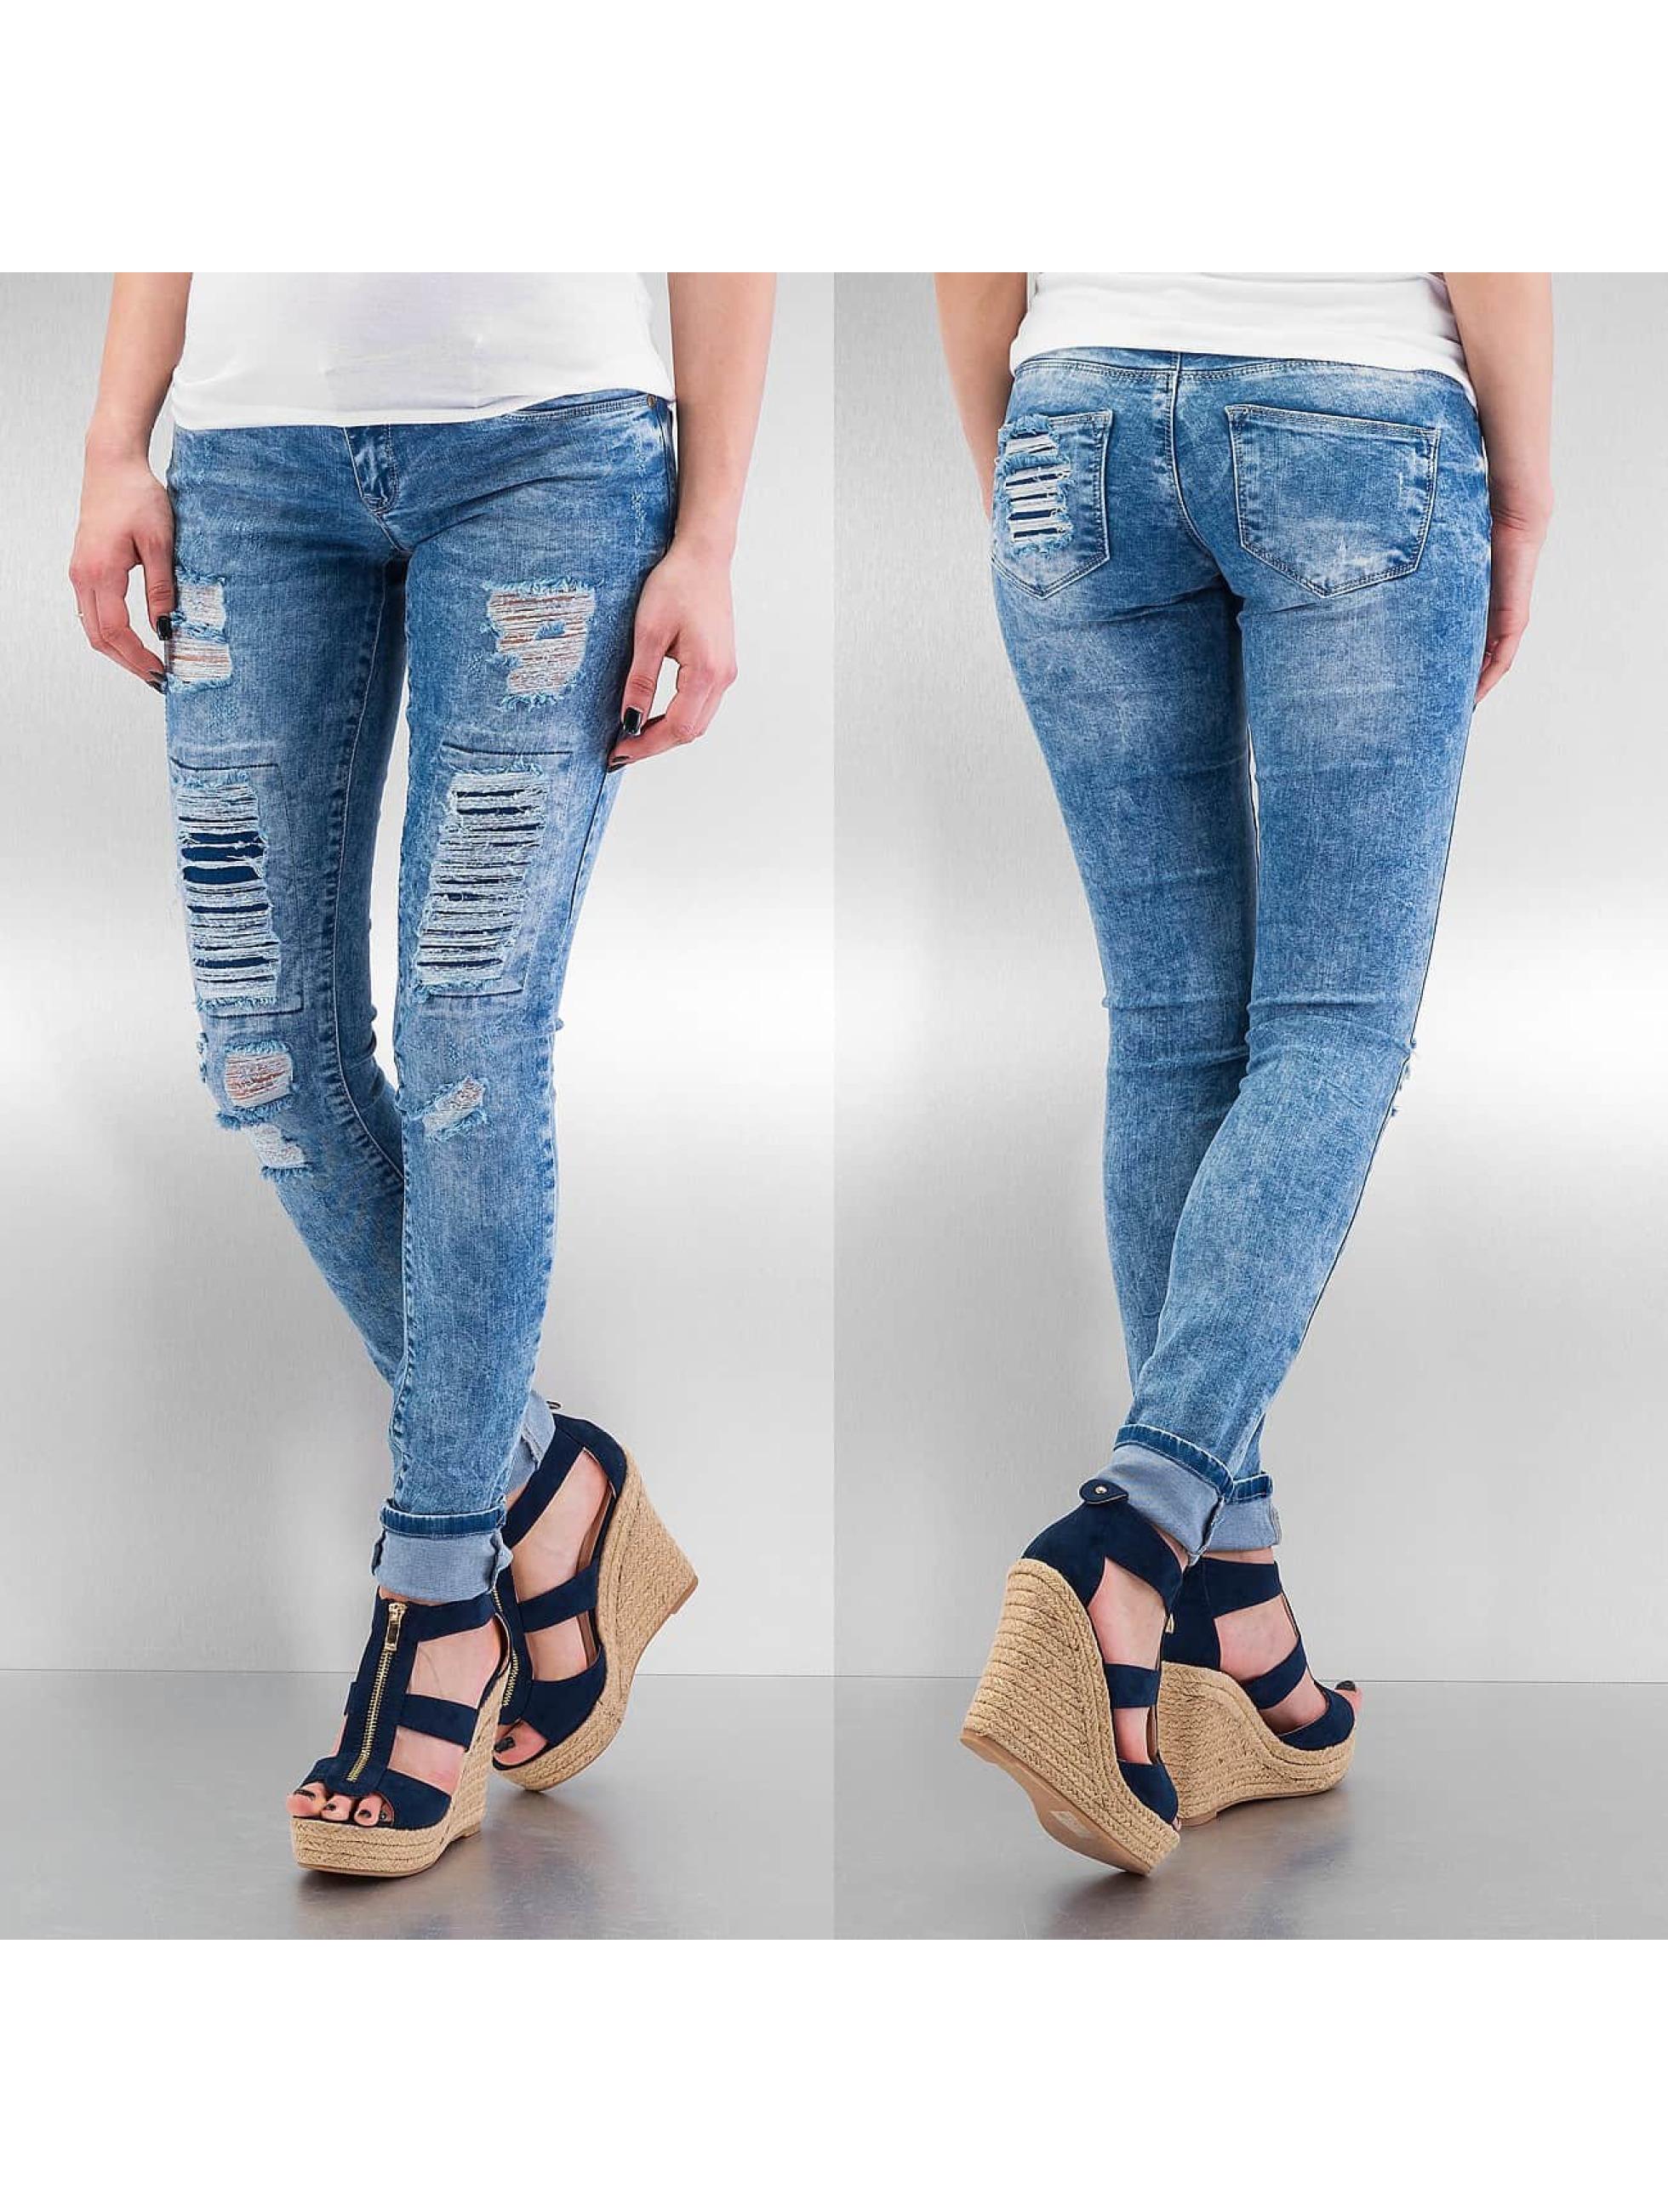 Hermsdorf Angebote Just Rhyse Frauen Skinny Jeans Destroyed in blau